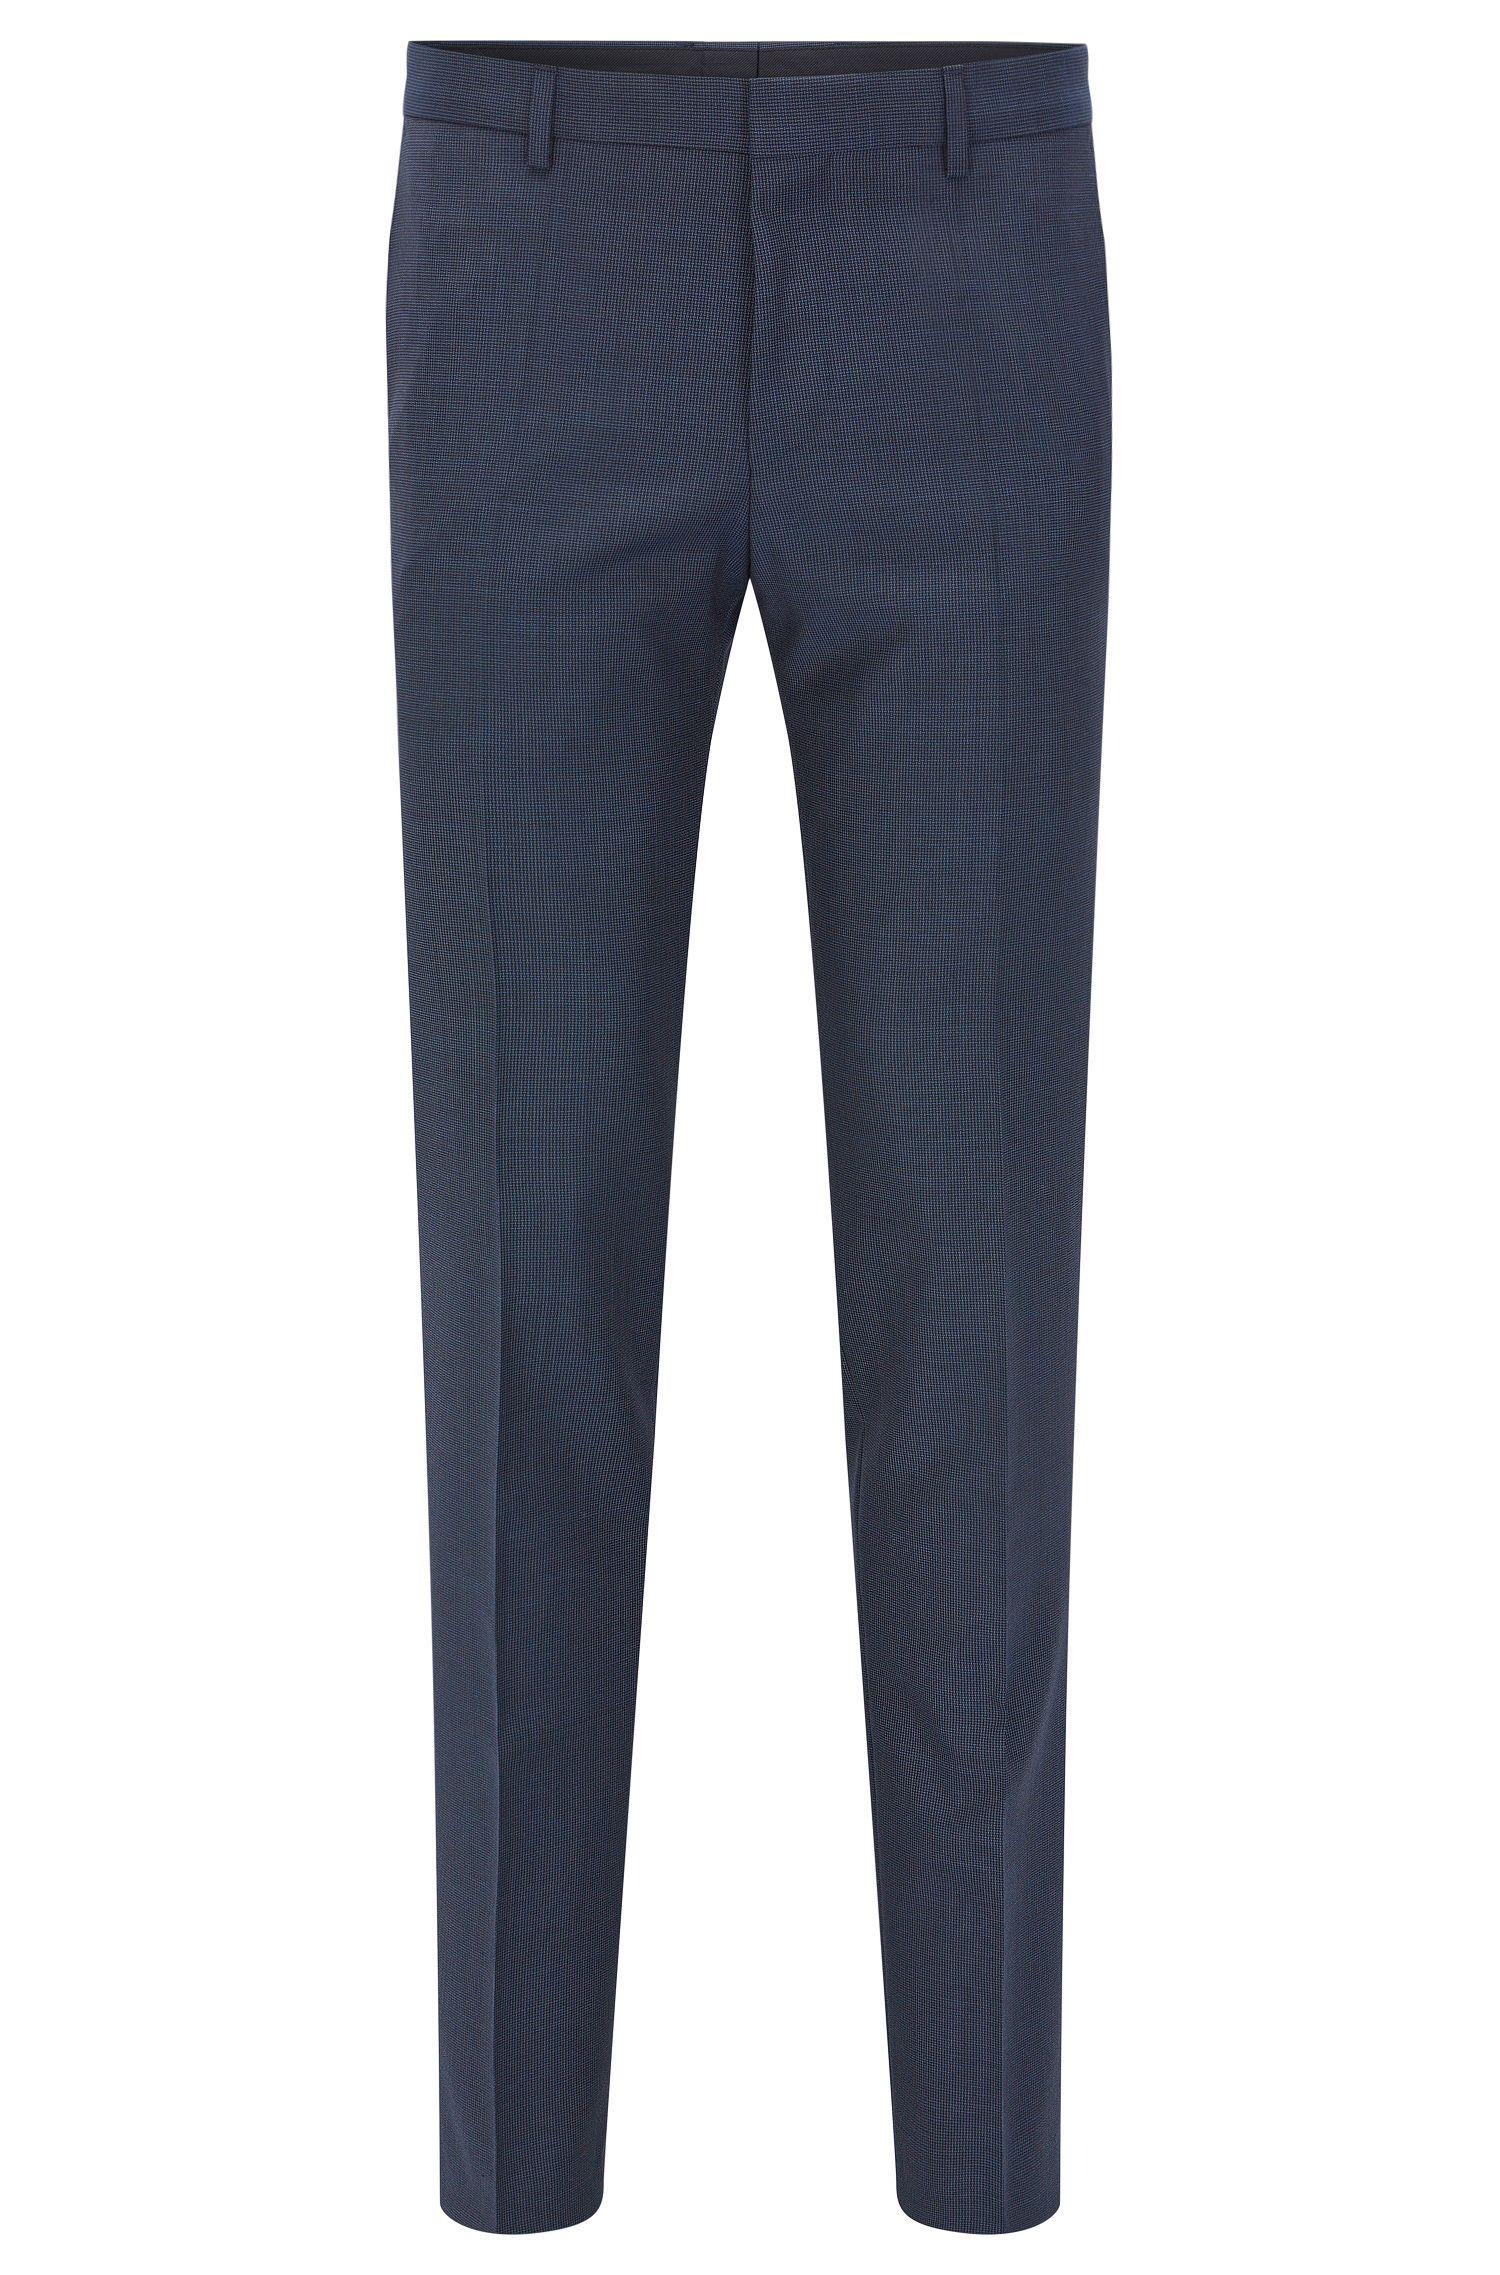 Pantalón slim fit en lana virgen italiana